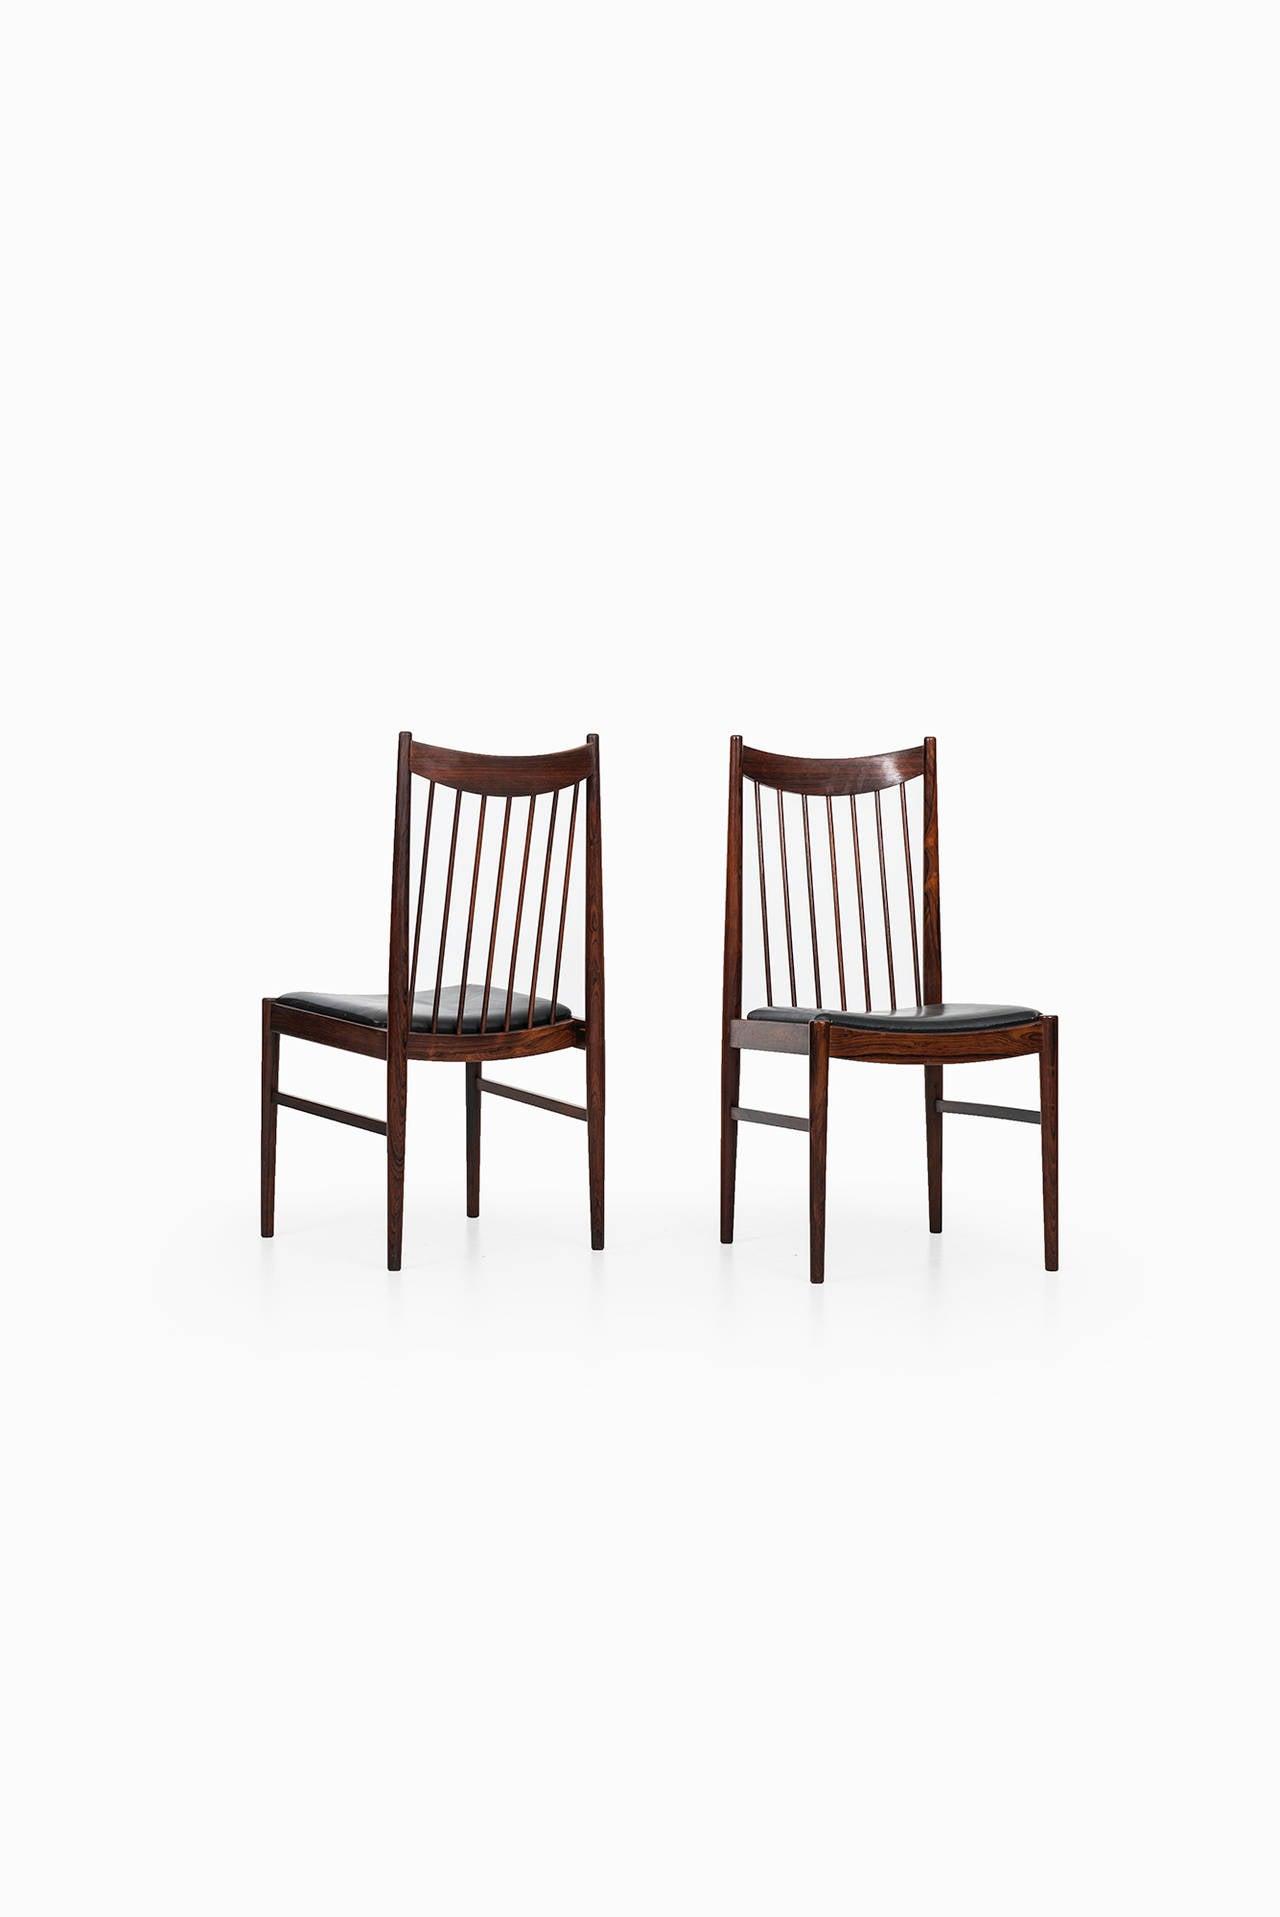 Arne Vodder Dining Chairs Model 422 By Sibast In Denmark